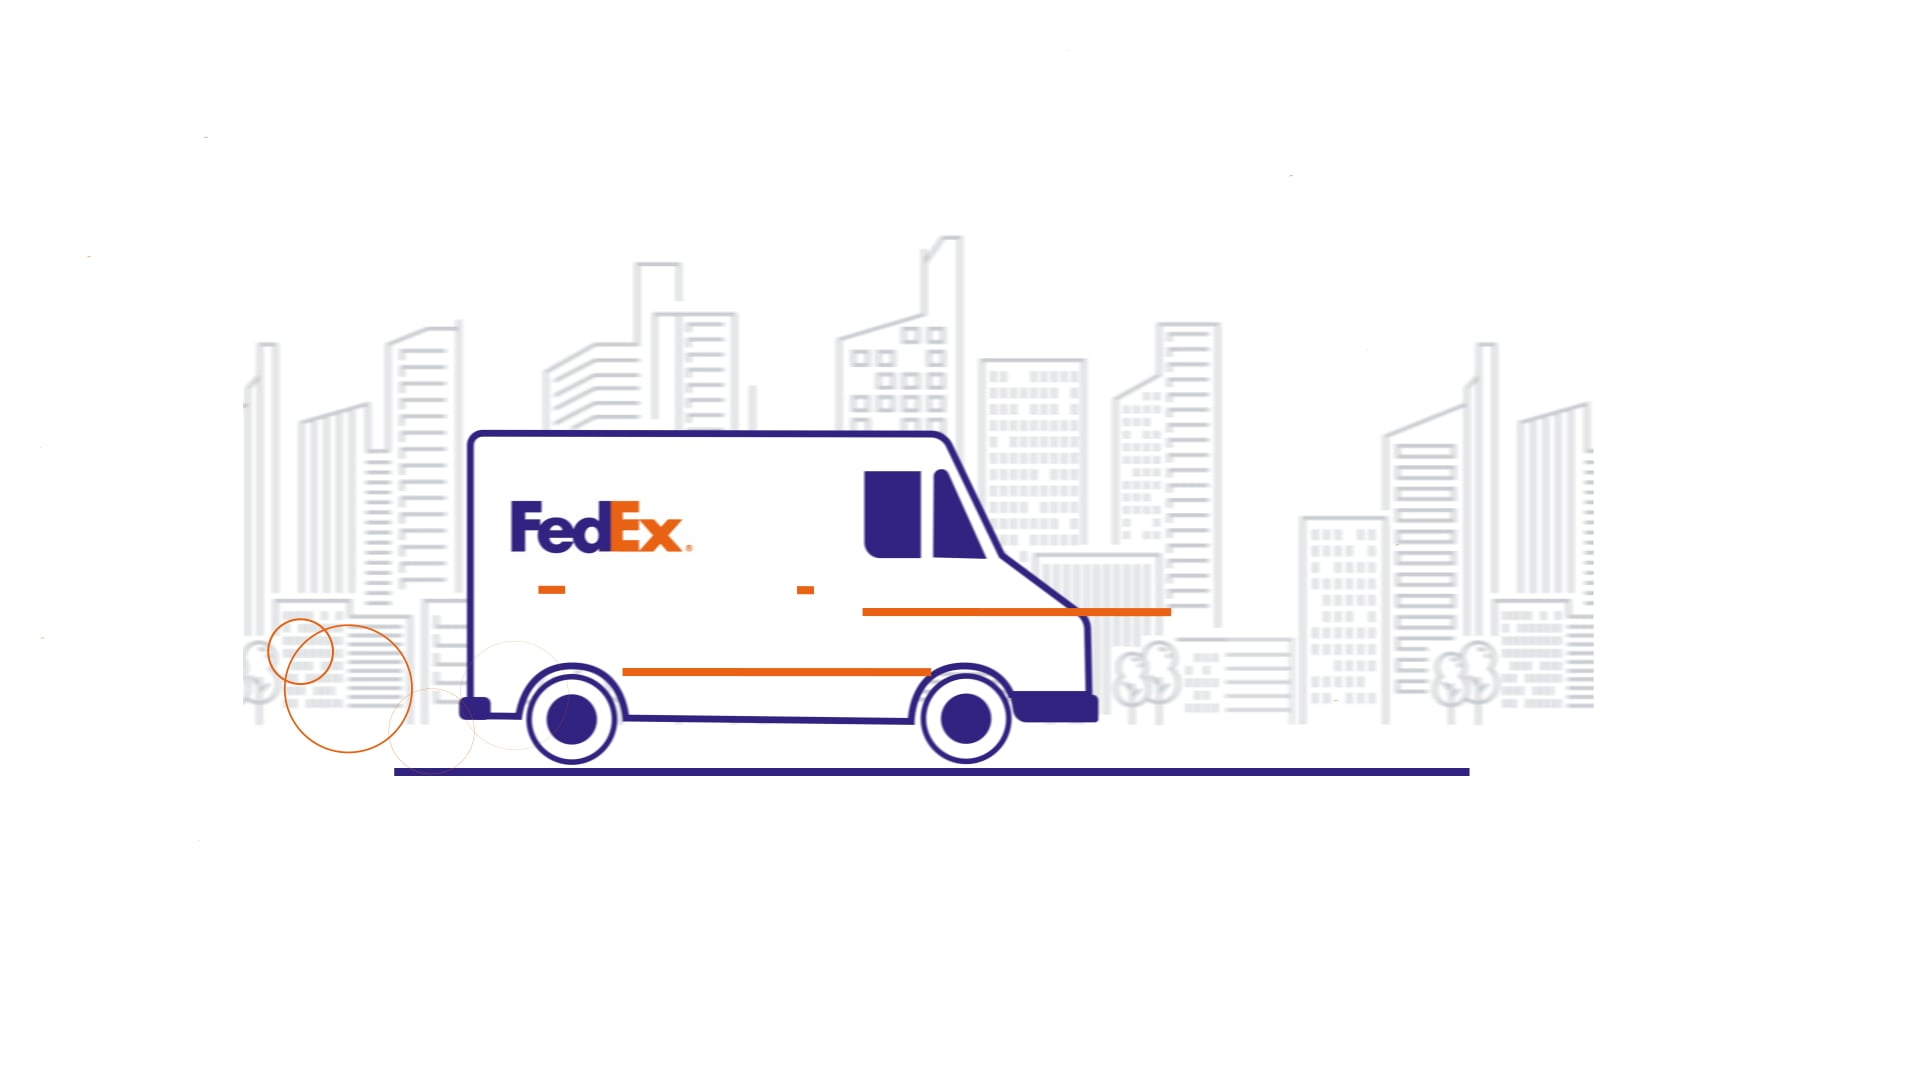 anim Fedex